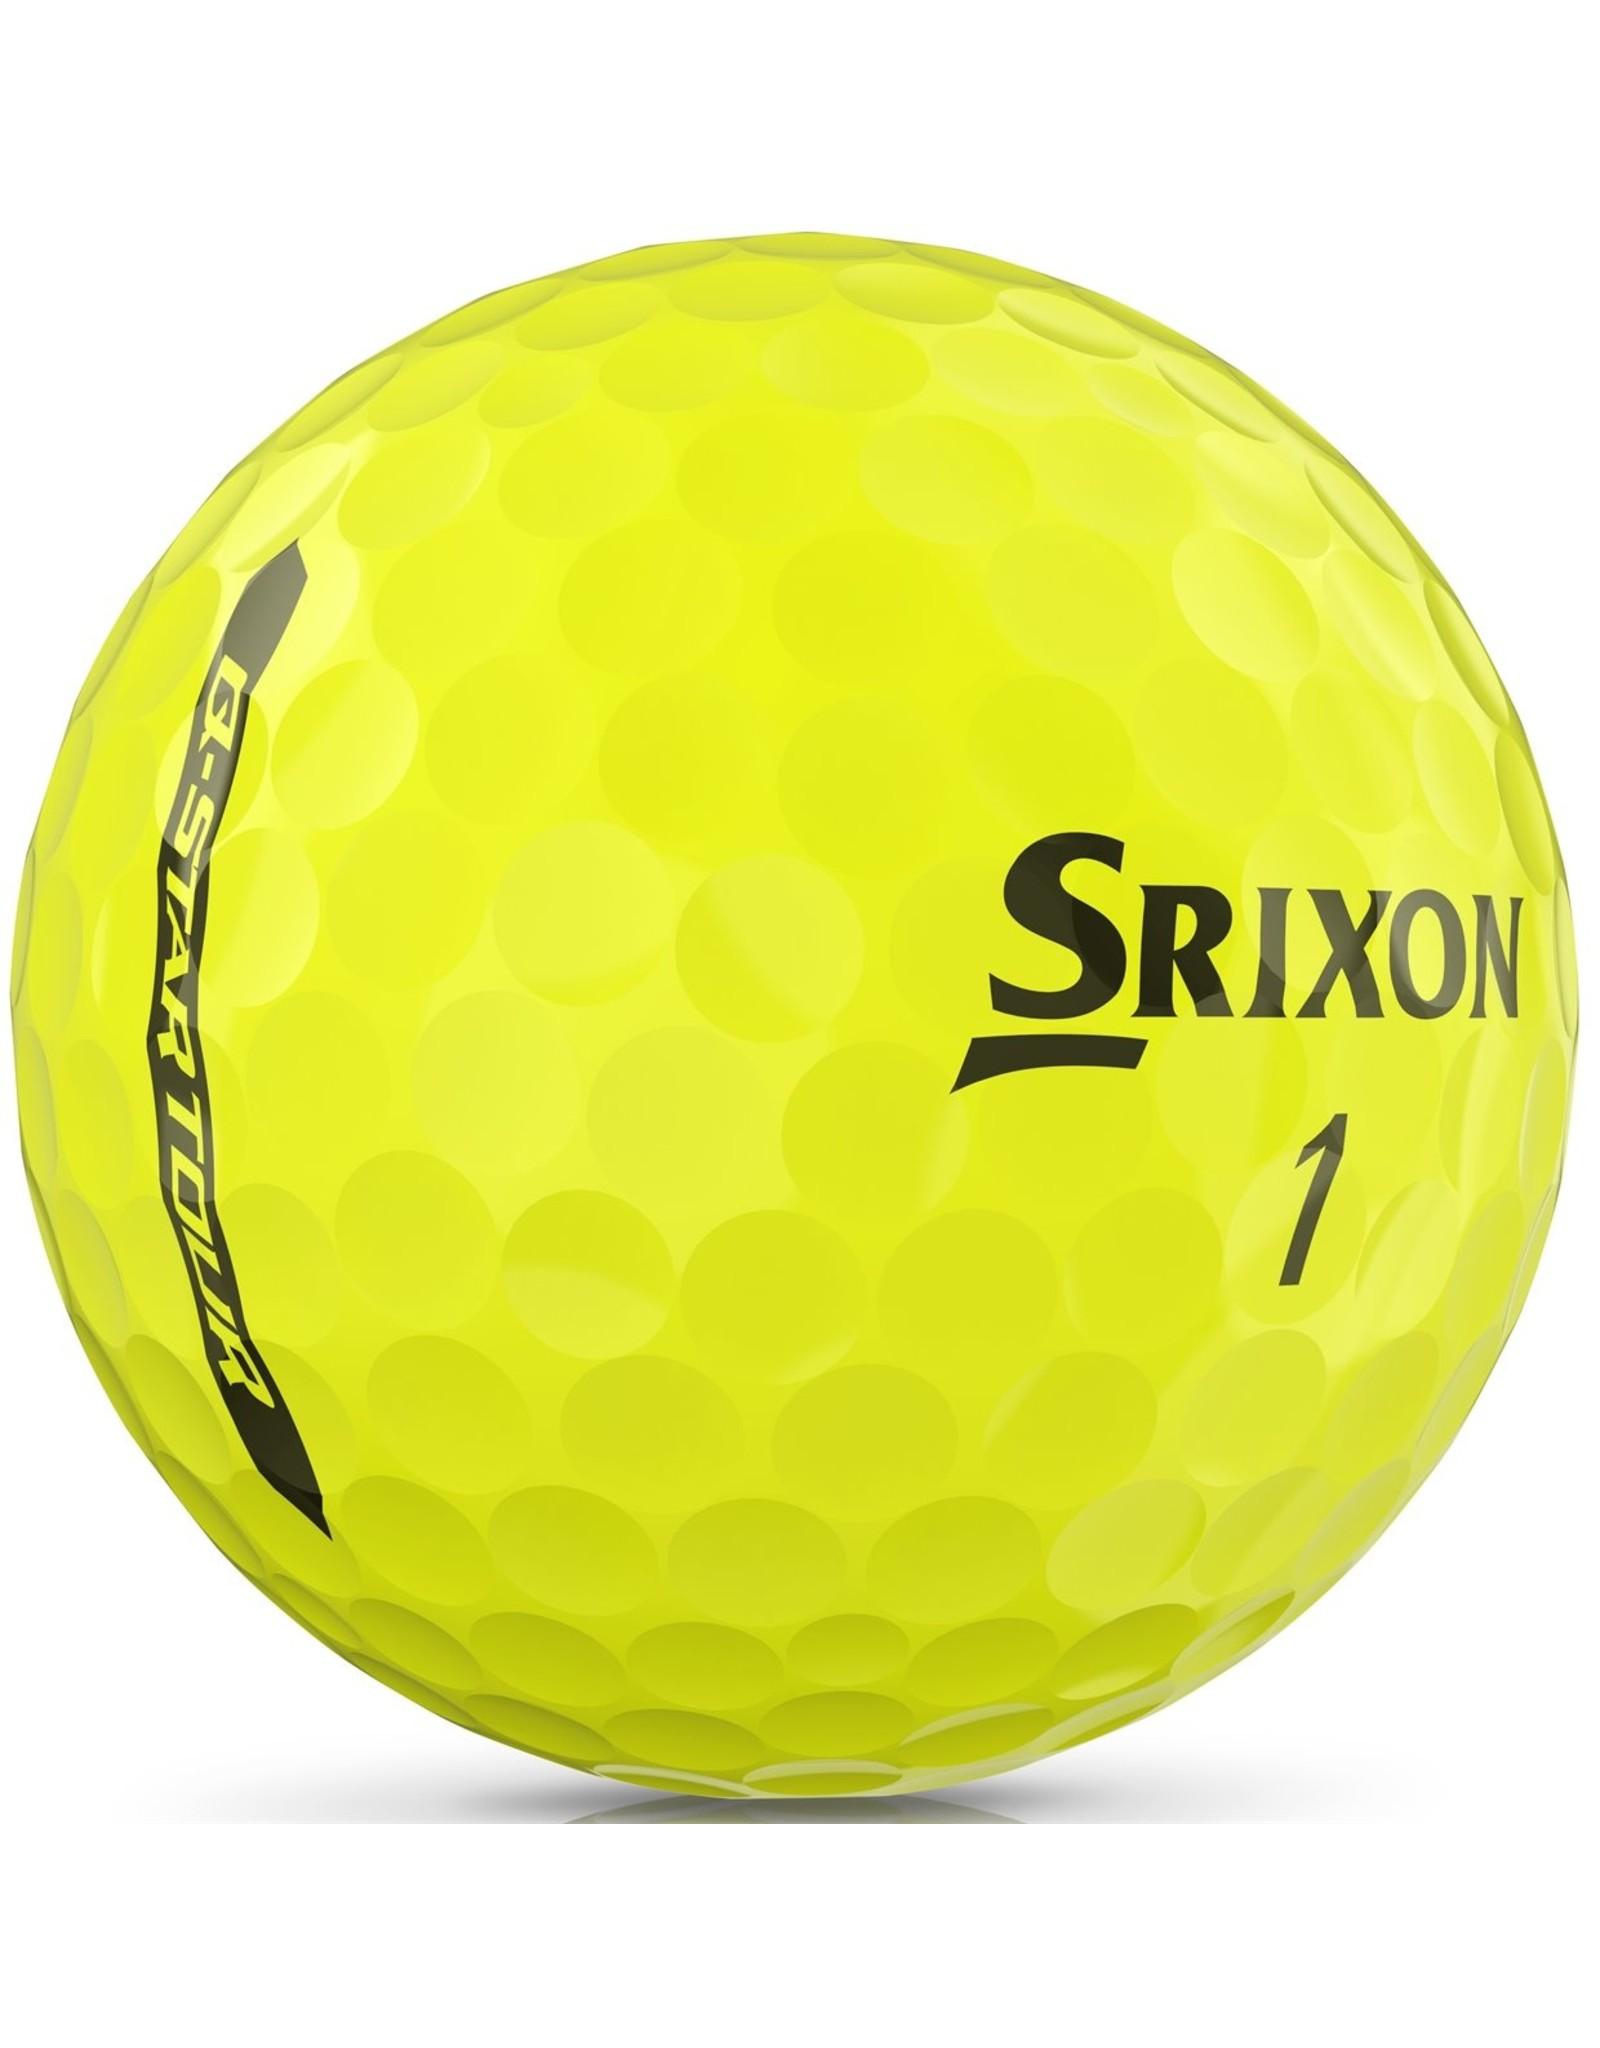 Srixon Srixon Q-Star Tour 3 TYL Dozen